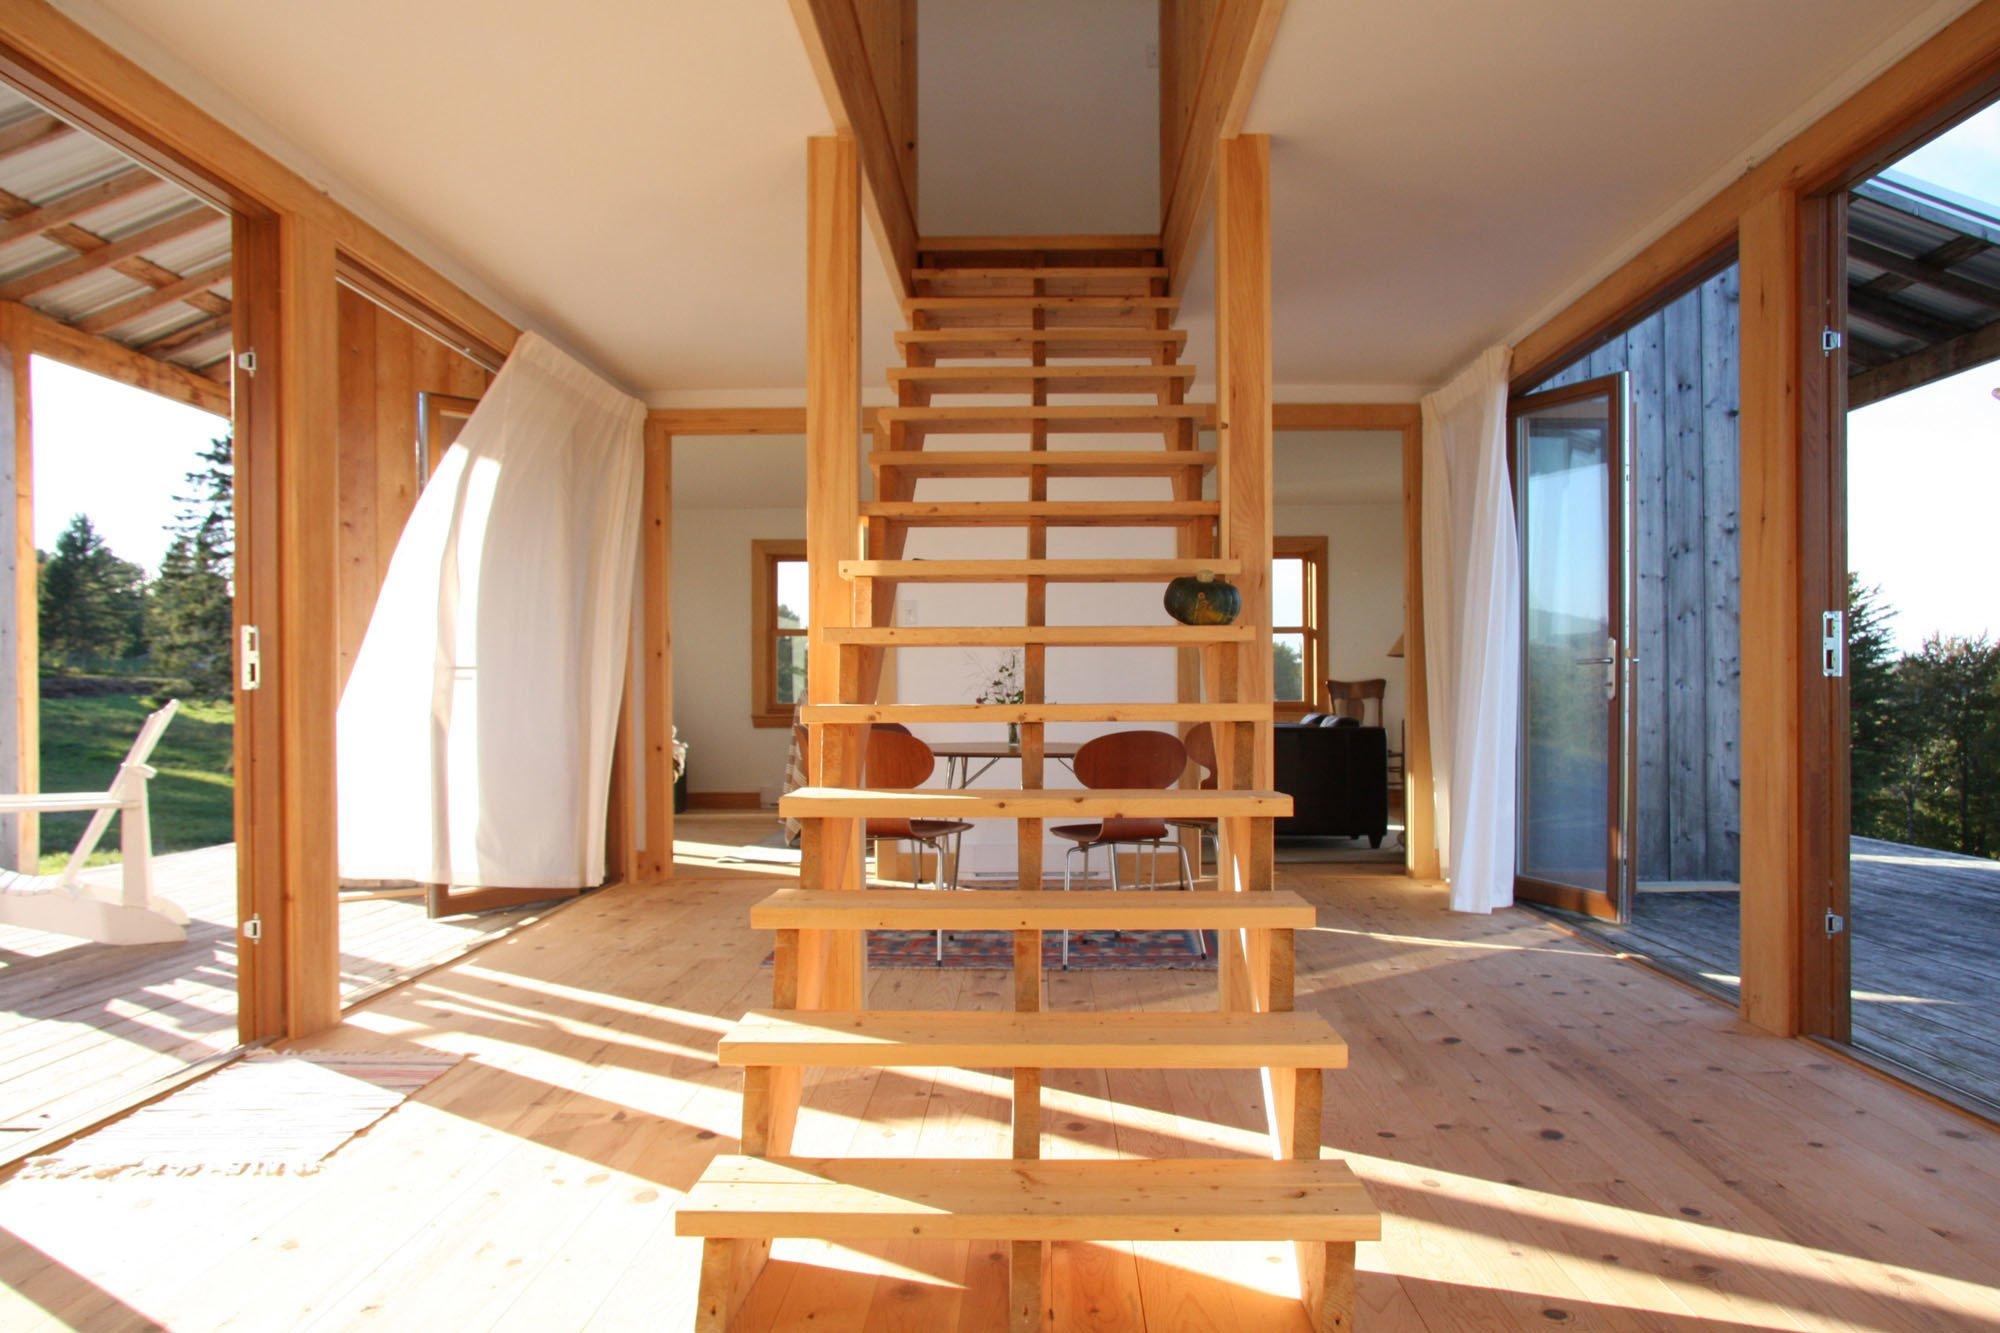 wohnhaus in new brunswick geneigtes dach wohnen baunetz wissen. Black Bedroom Furniture Sets. Home Design Ideas